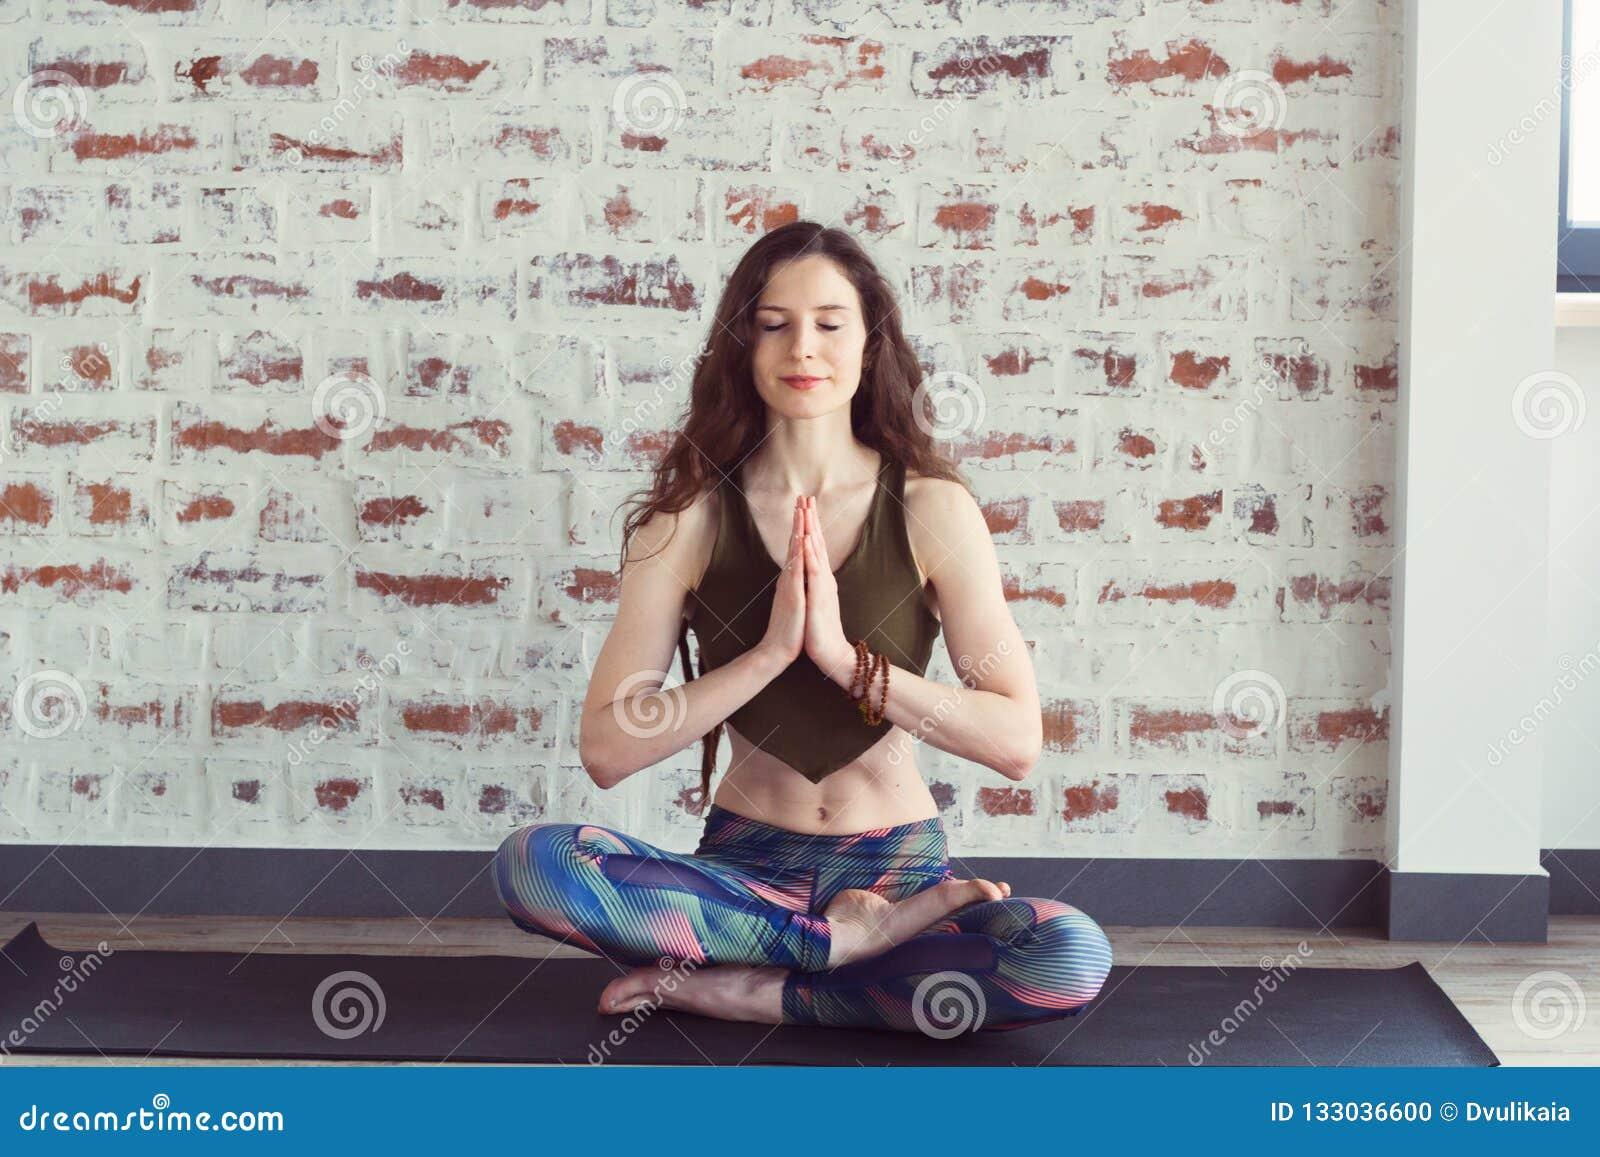 Beautiful woman in yoga class